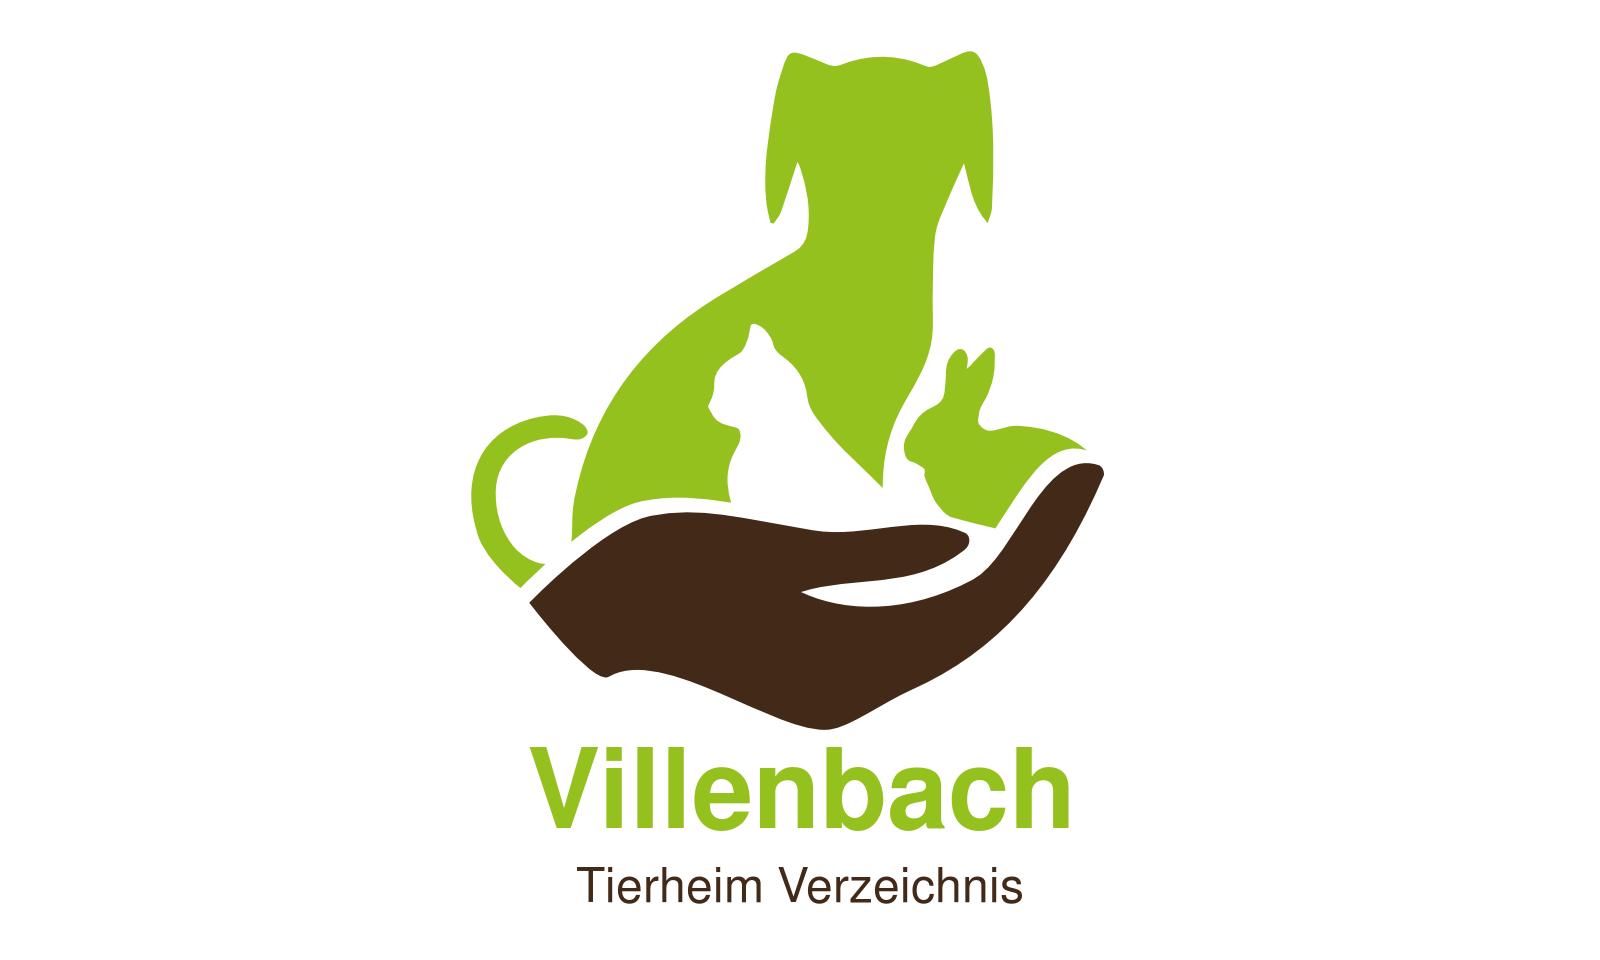 Tierheim Villenbach